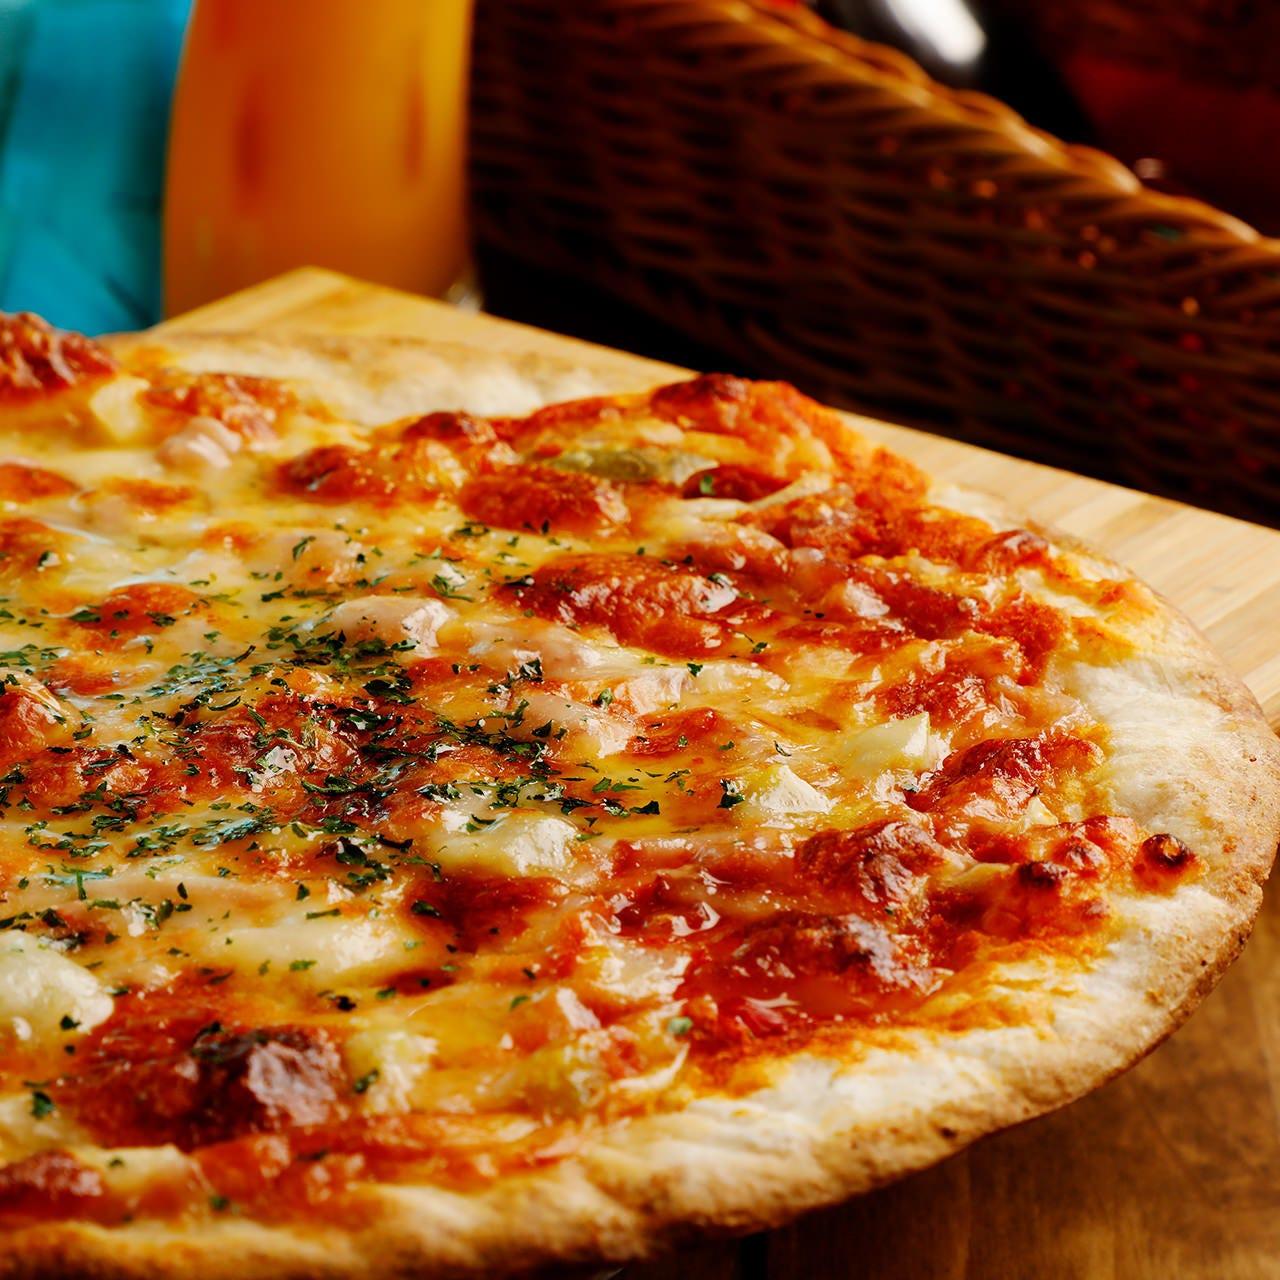 3時間飲み放題付!クリスピーな食感がたまらない!好きなだけ楽しめる『特製ピザ食べ放題コース』全4品